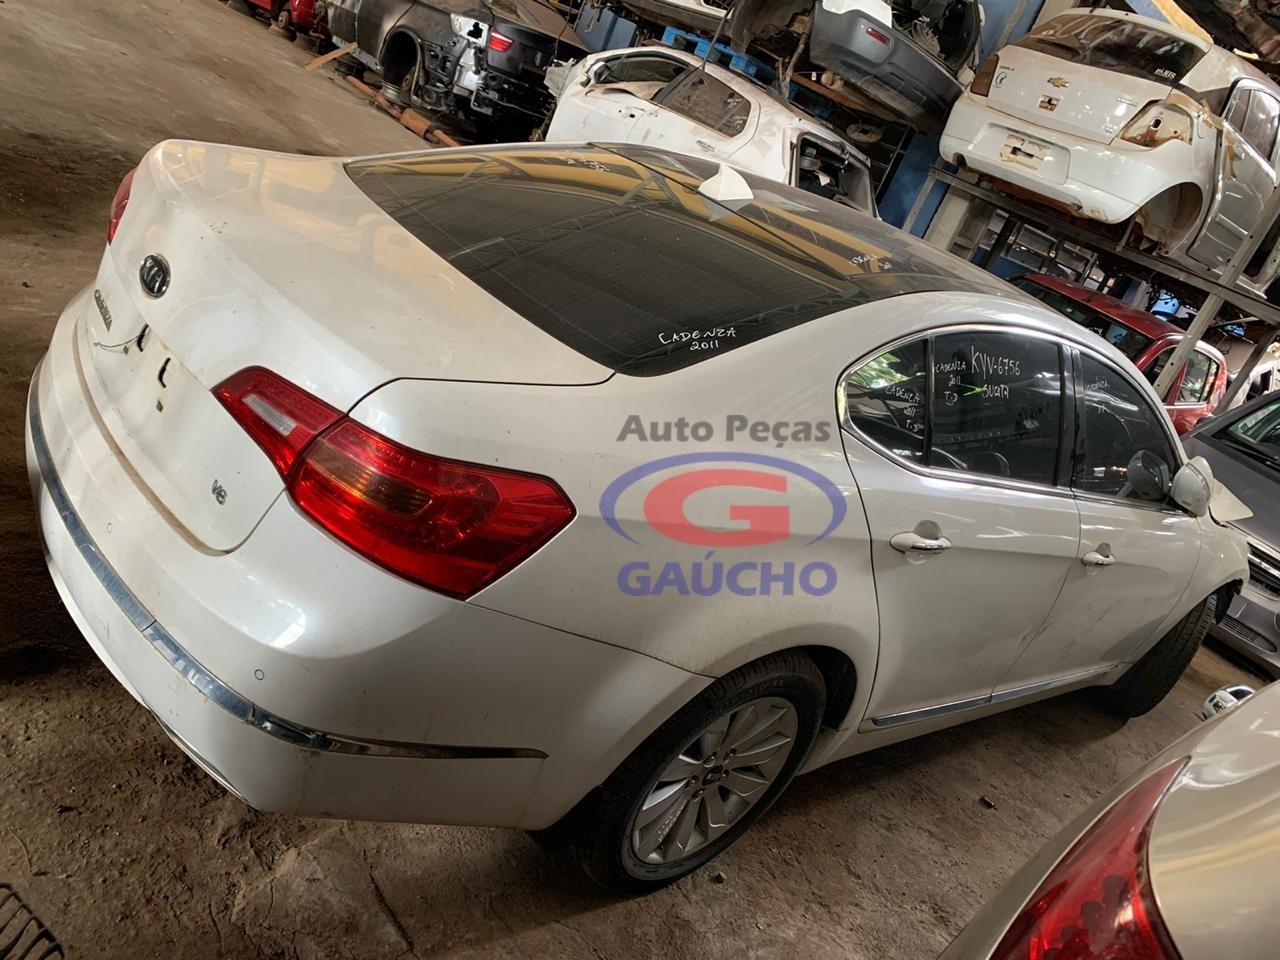 SUCATA KIA CADENZA 2011 3.5 V6 GAS. 24V, 290 CV, CÂMBIO AUTOMÁTICO